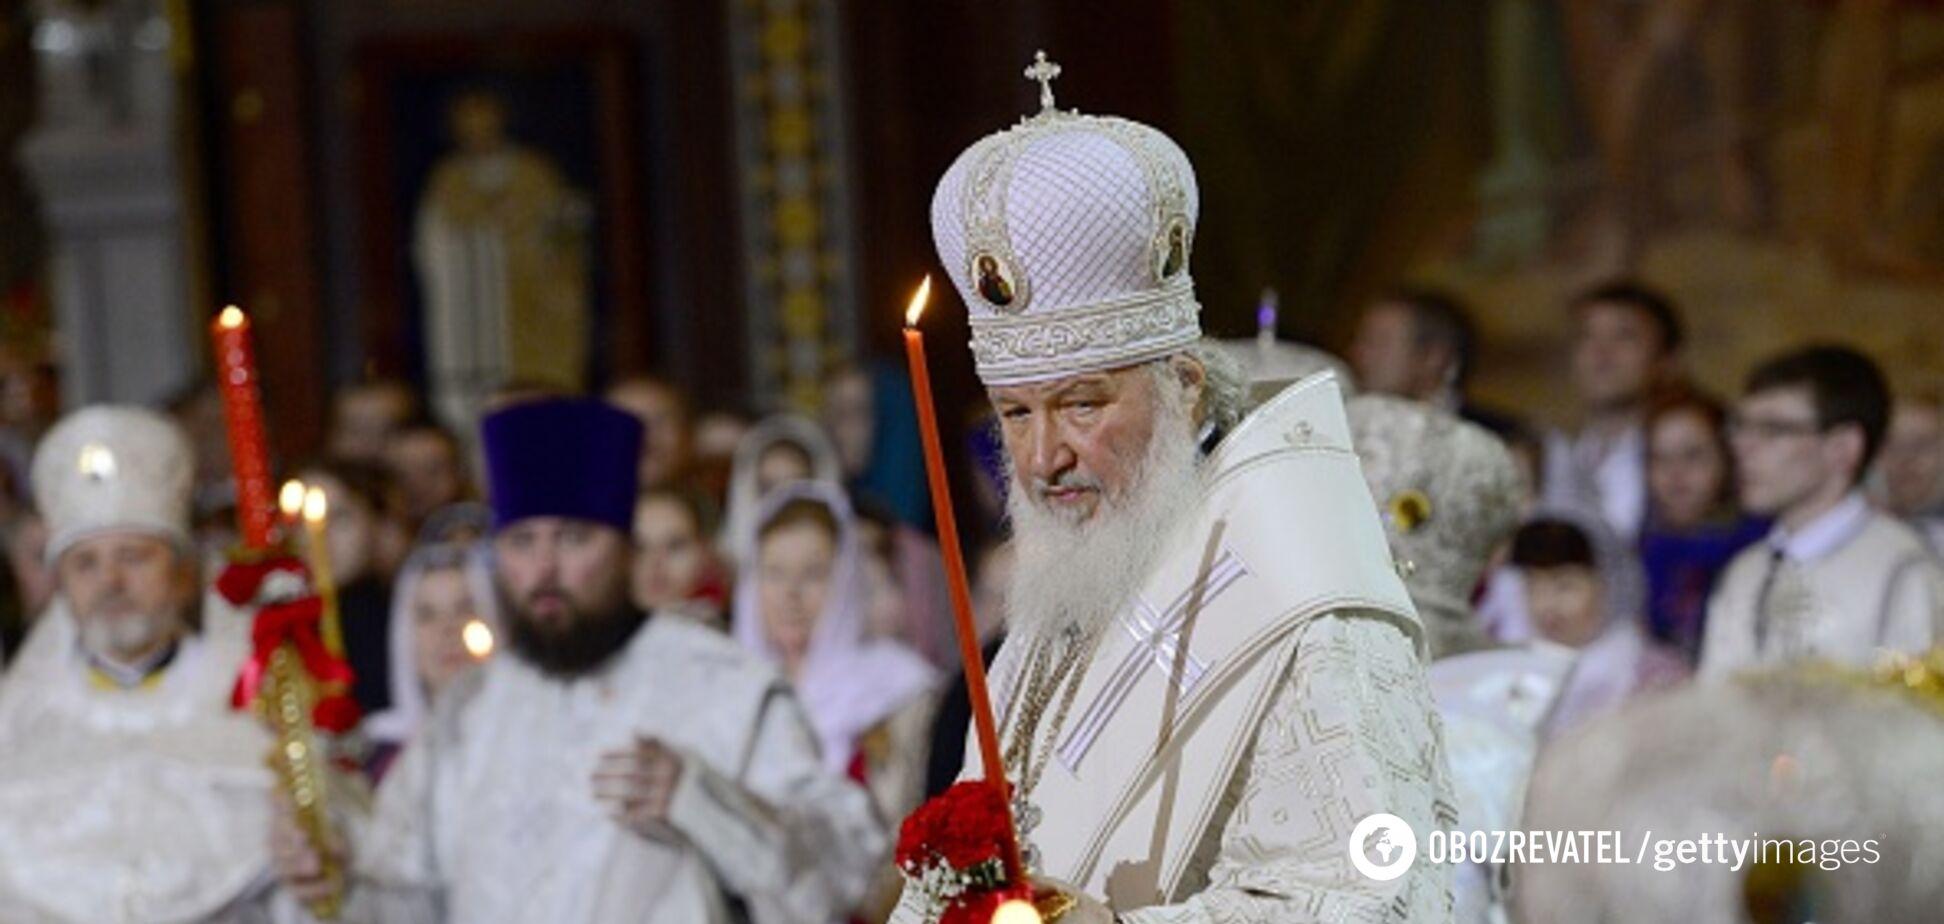 Патріарх Кирило заявив, що коронавірус послав Бог